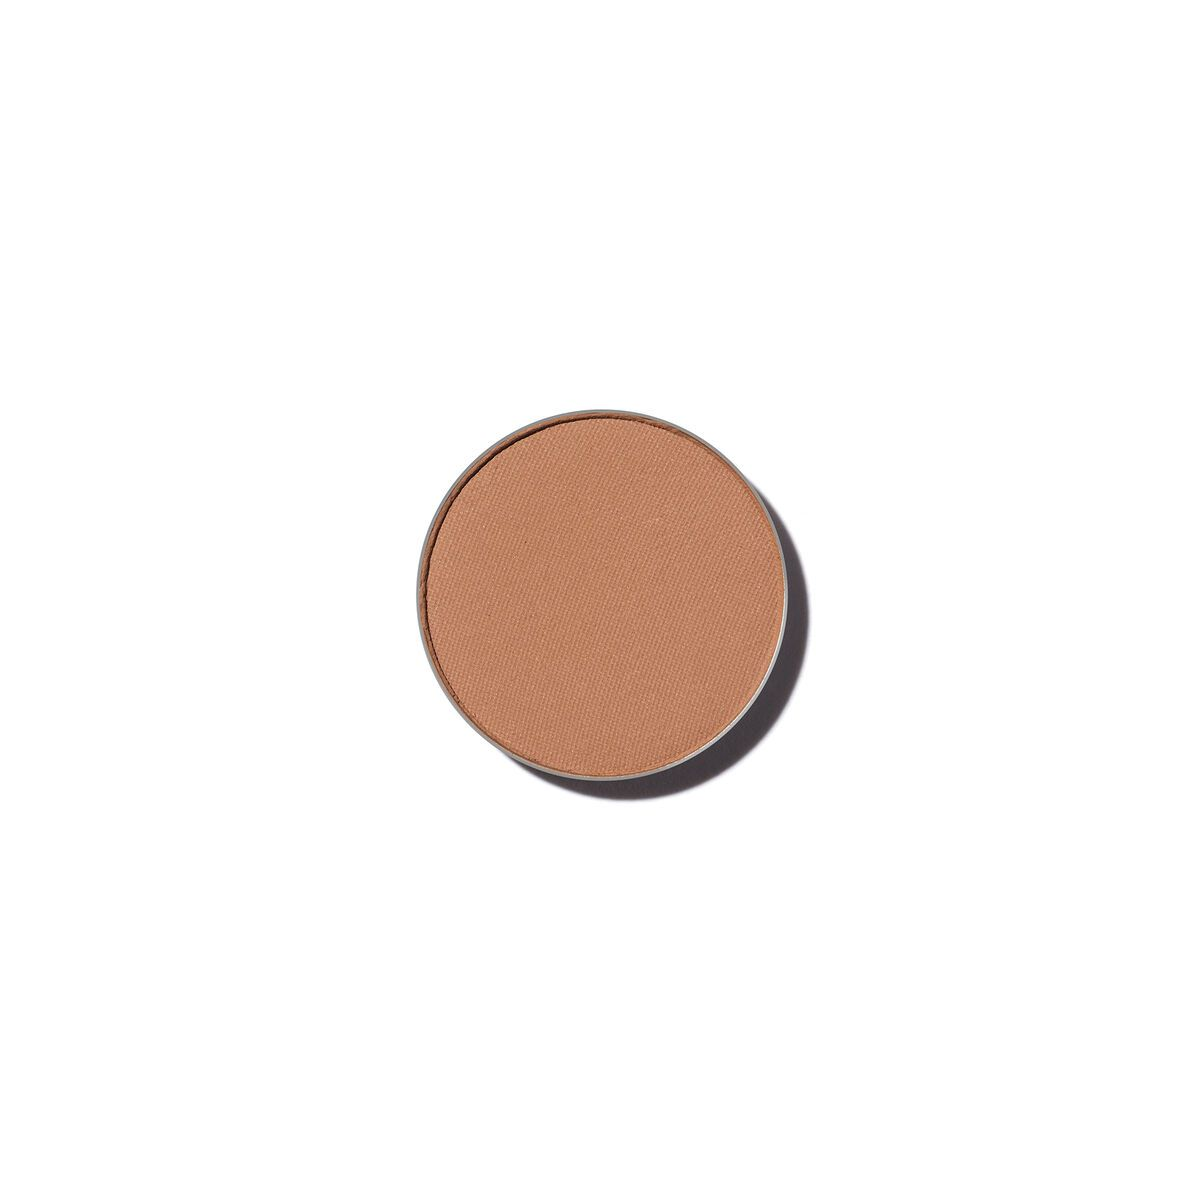 Anastasia Beverly Hills Eyeshadow Single